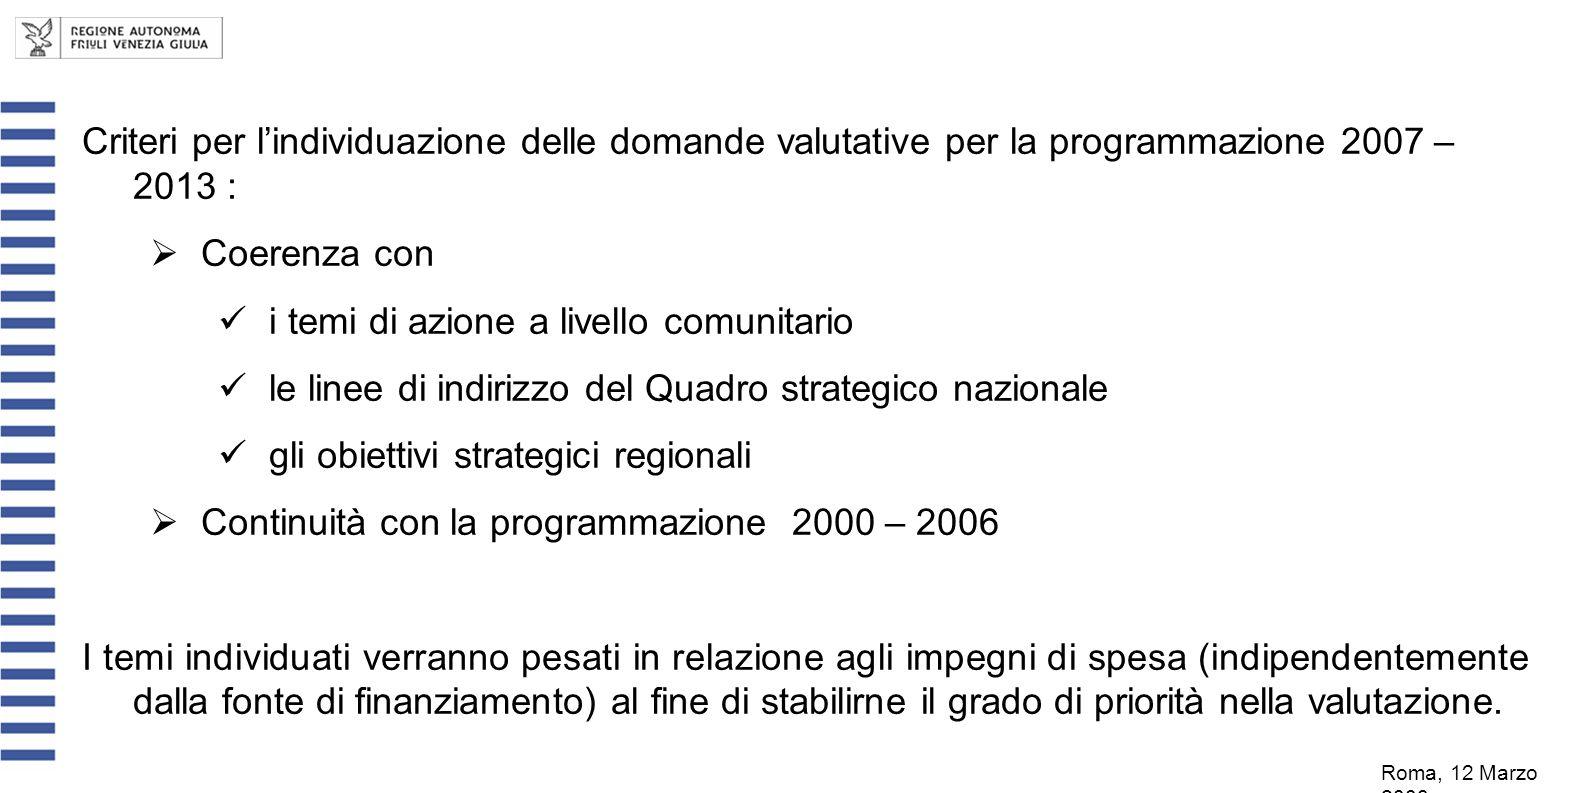 Criteri per lindividuazione delle domande valutative per la programmazione 2007 – 2013 : Coerenza con i temi di azione a livello comunitario le linee di indirizzo del Quadro strategico nazionale gli obiettivi strategici regionali Continuità con la programmazione 2000 – 2006 I temi individuati verranno pesati in relazione agli impegni di spesa (indipendentemente dalla fonte di finanziamento) al fine di stabilirne il grado di priorità nella valutazione.